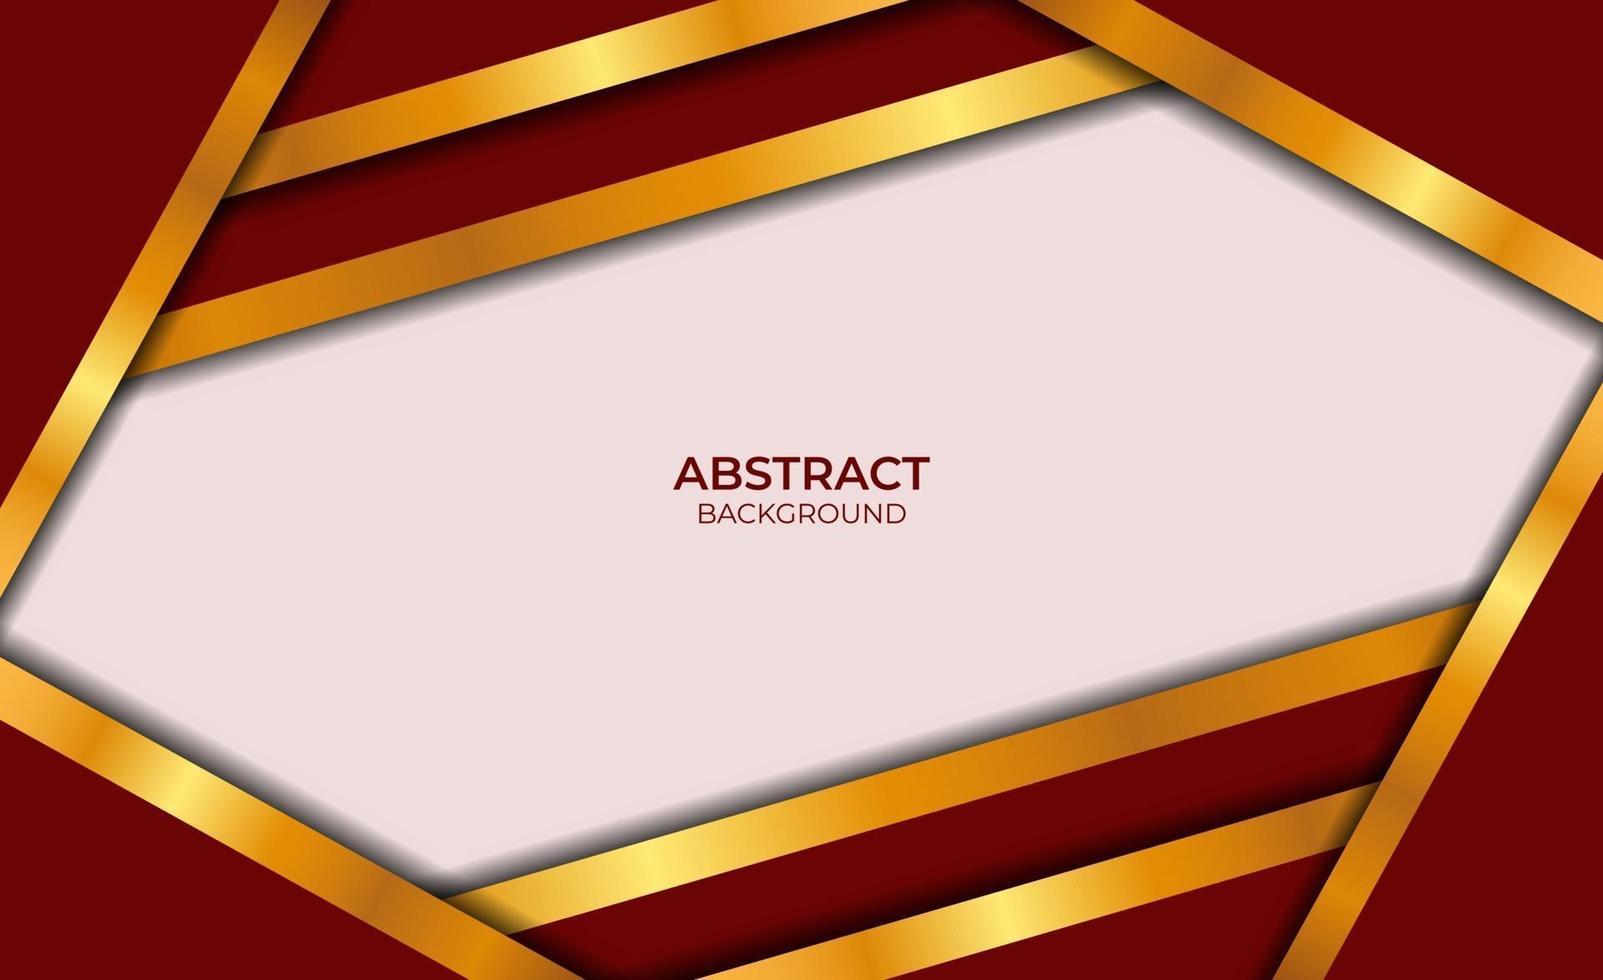 conception abstraite de luxe rouge et or vecteur